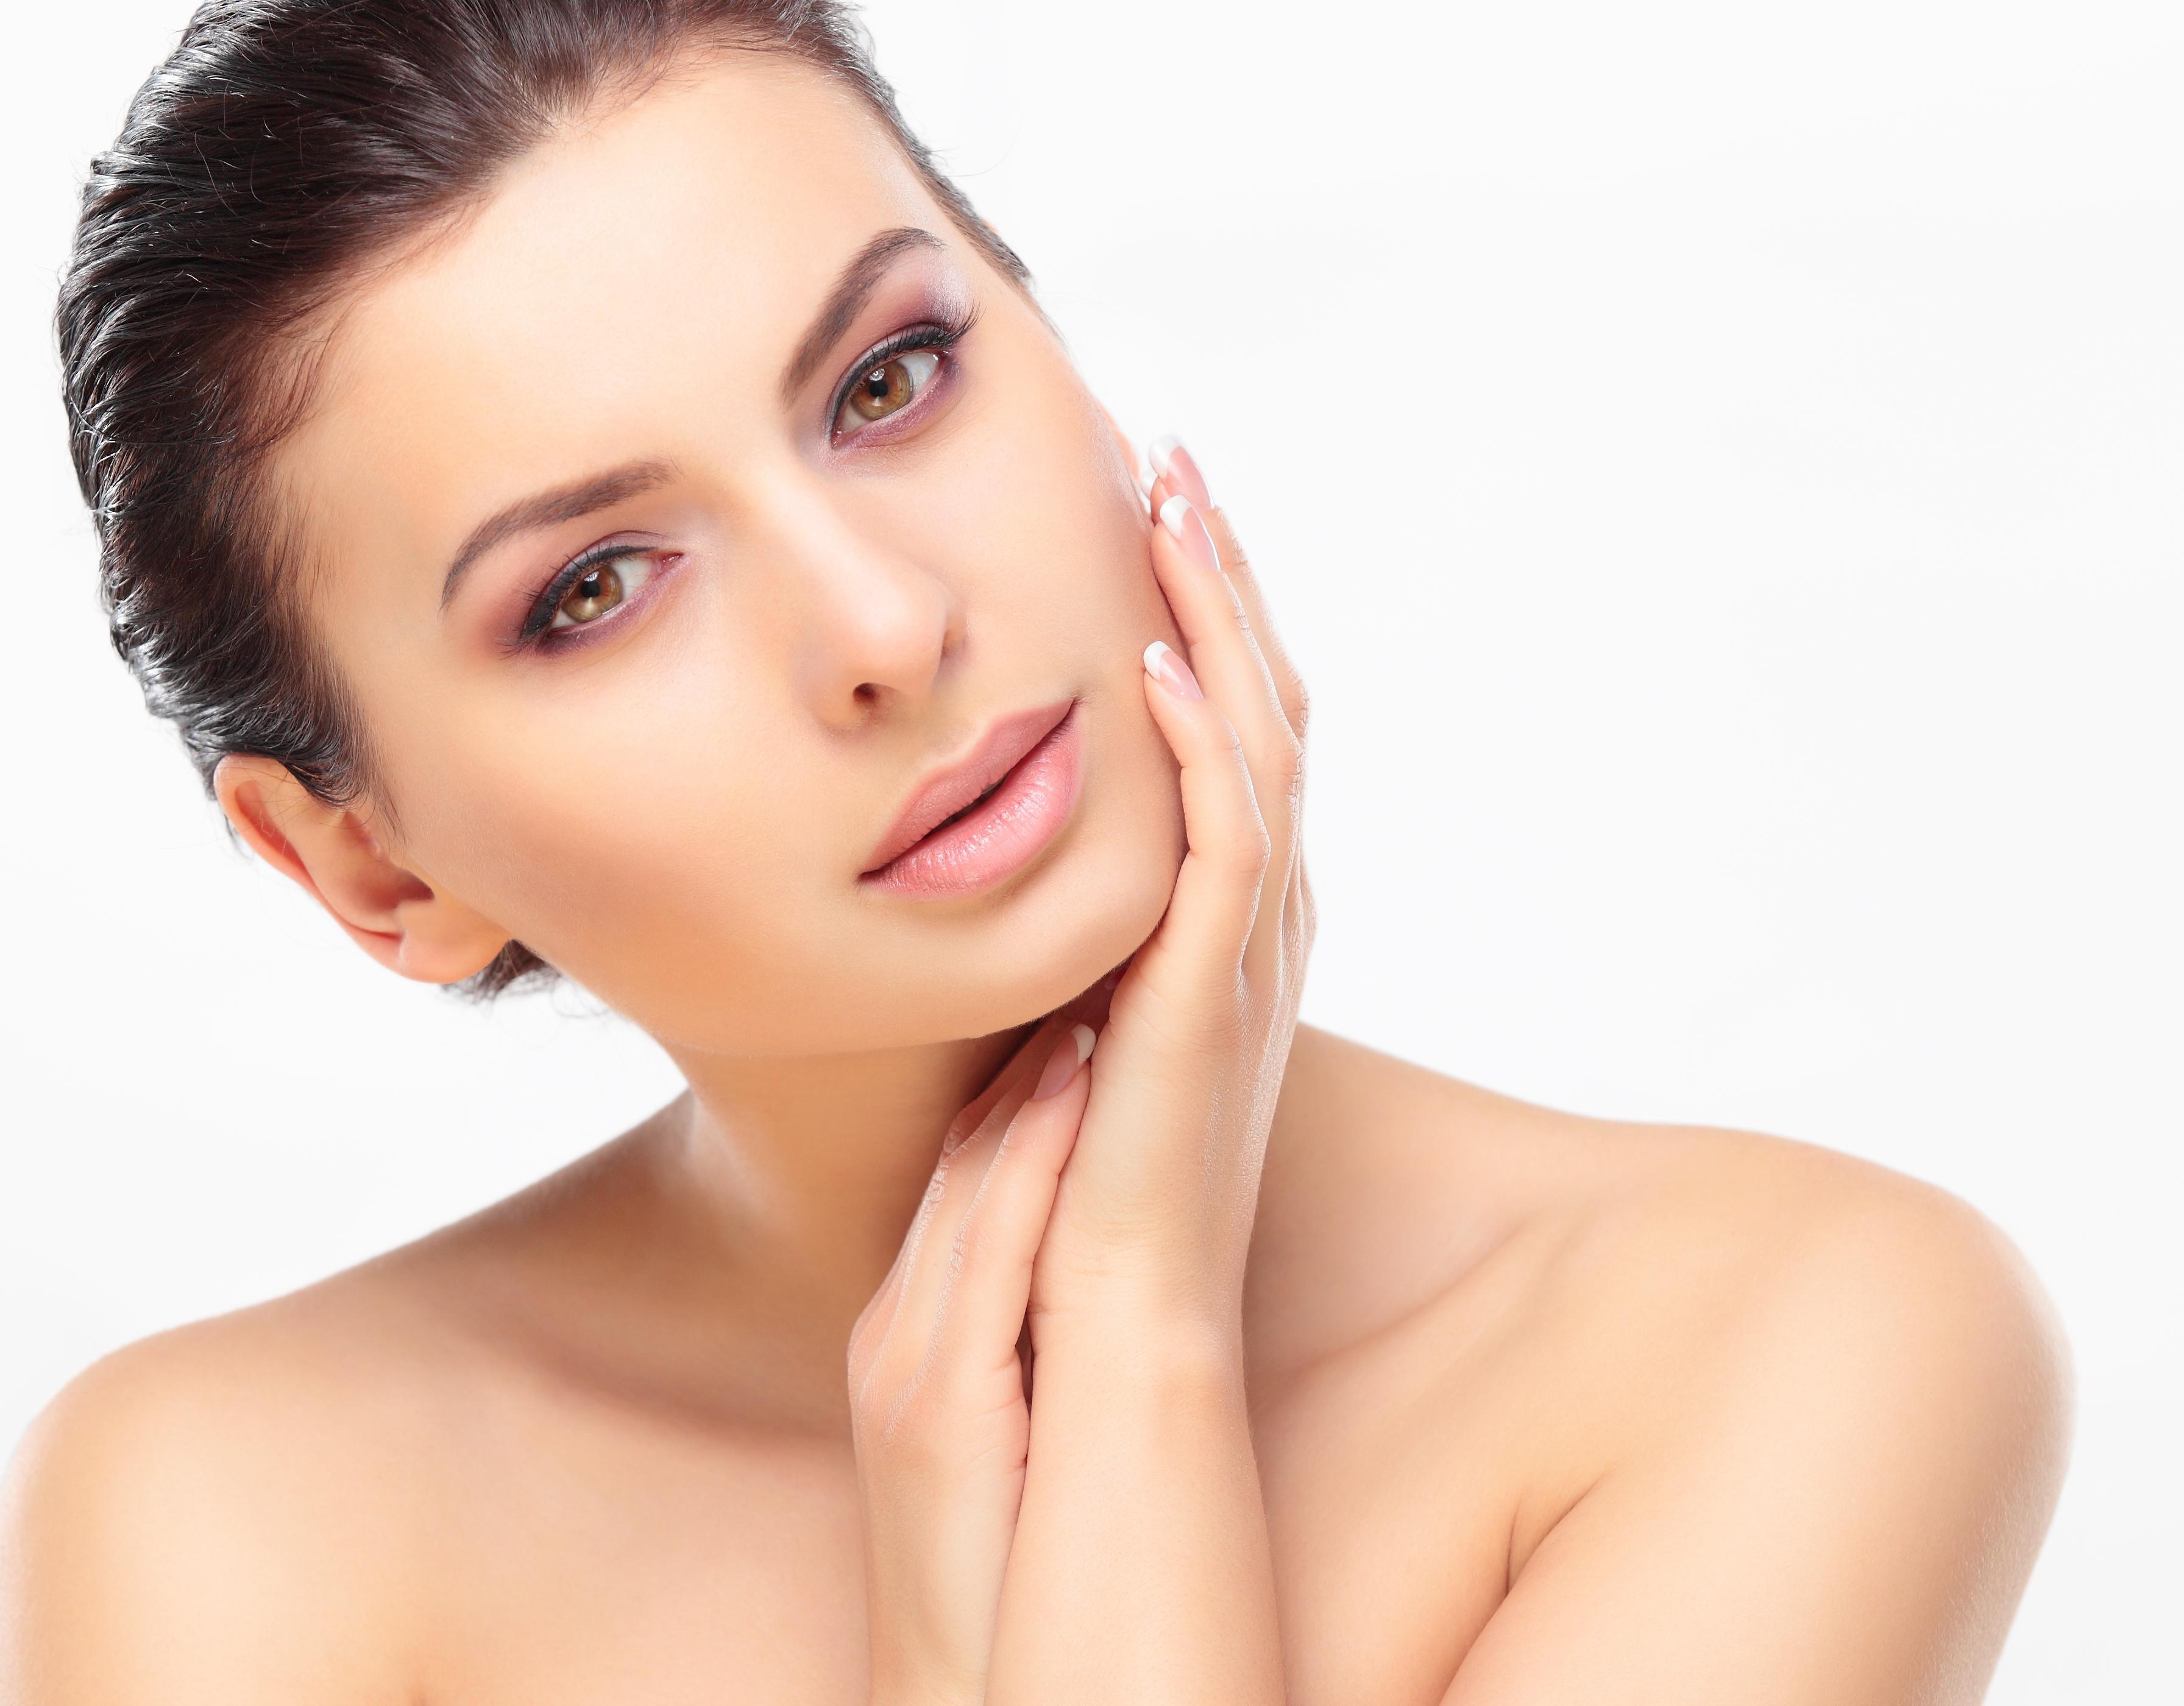 Koža - zaštitna funkcija